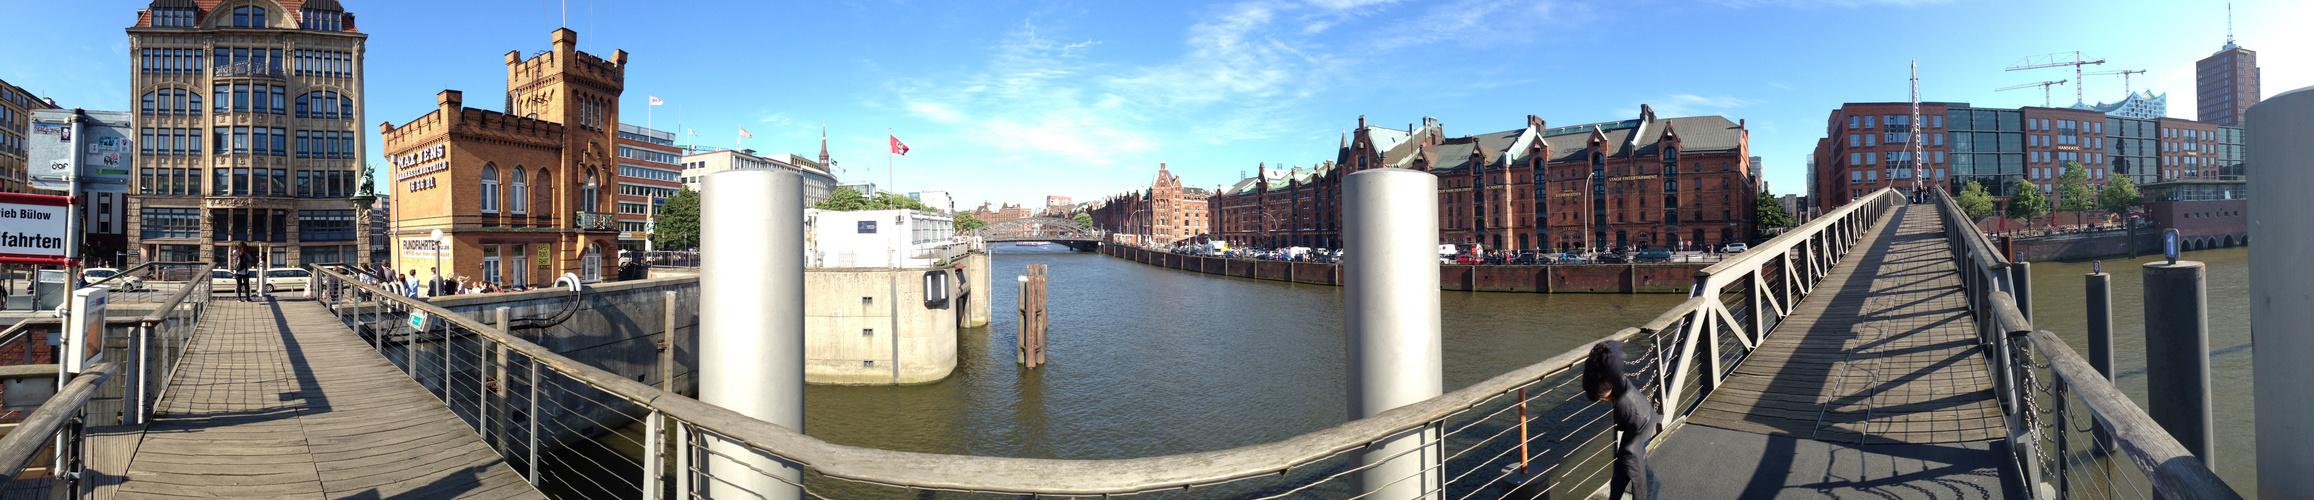 Hamburg Hafen Speicherstadt